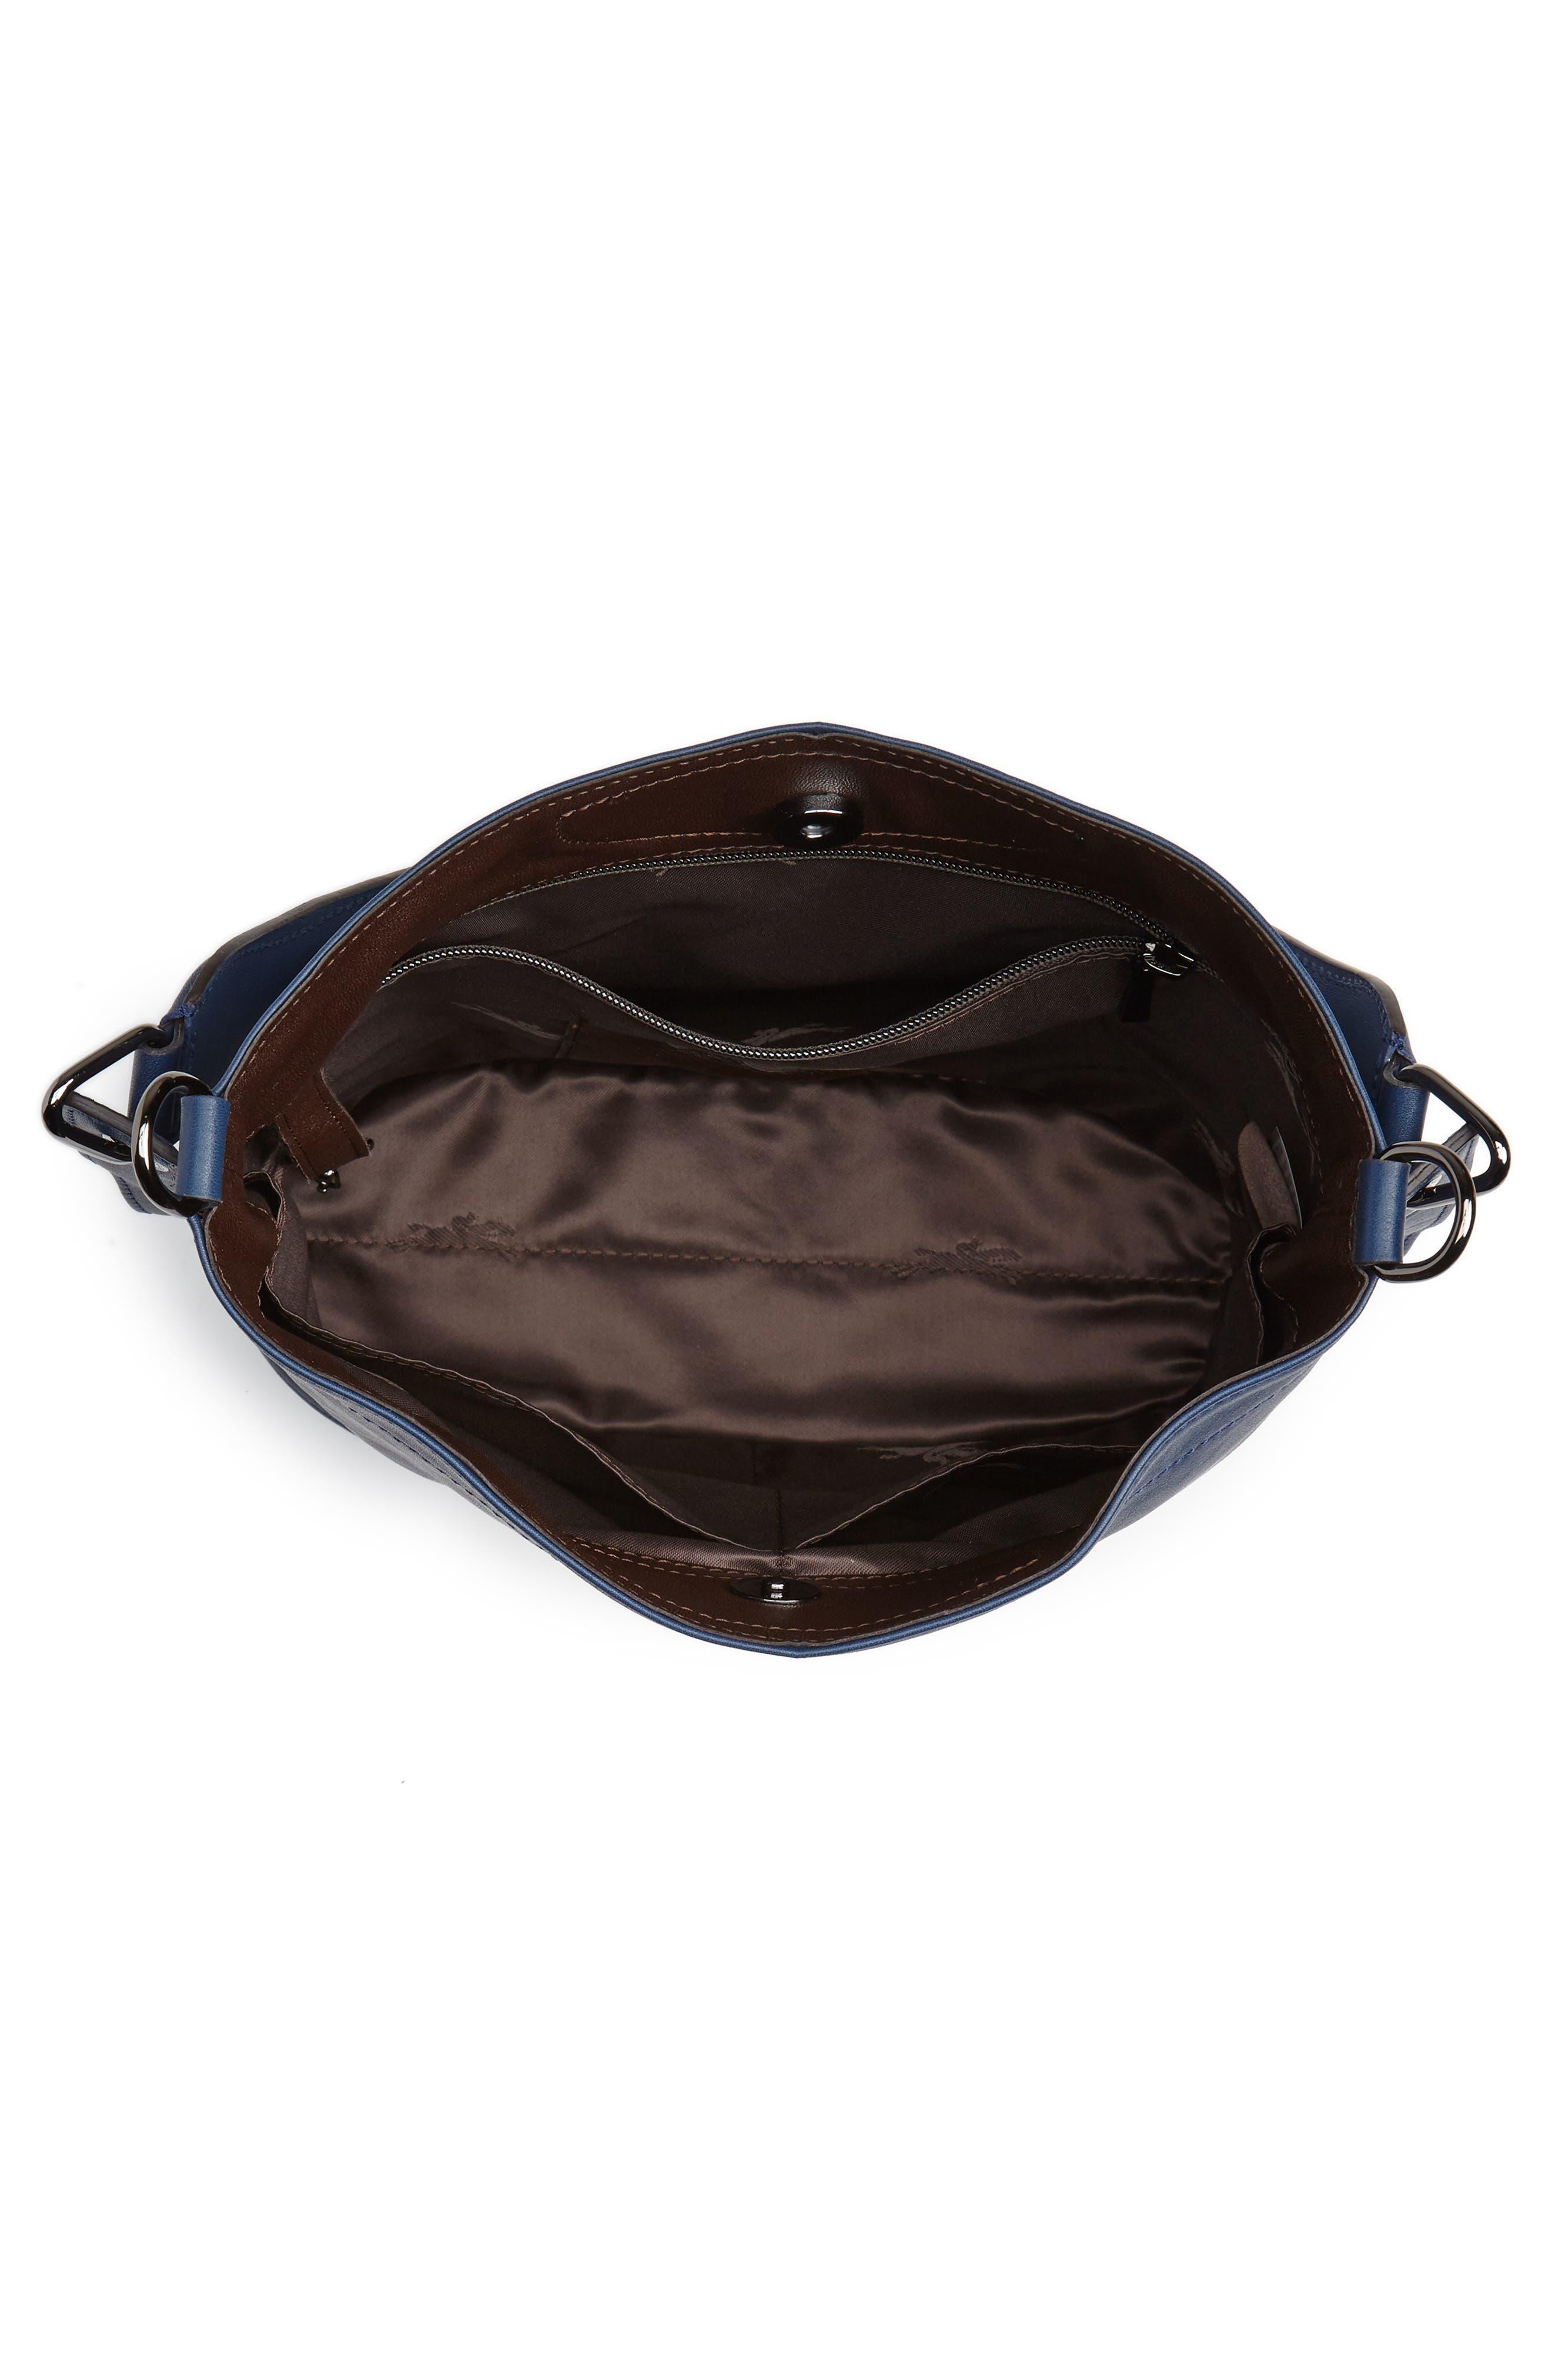 3D Leather Bucket Bag,                             Alternate thumbnail 4, color,                             PILOT BLUE